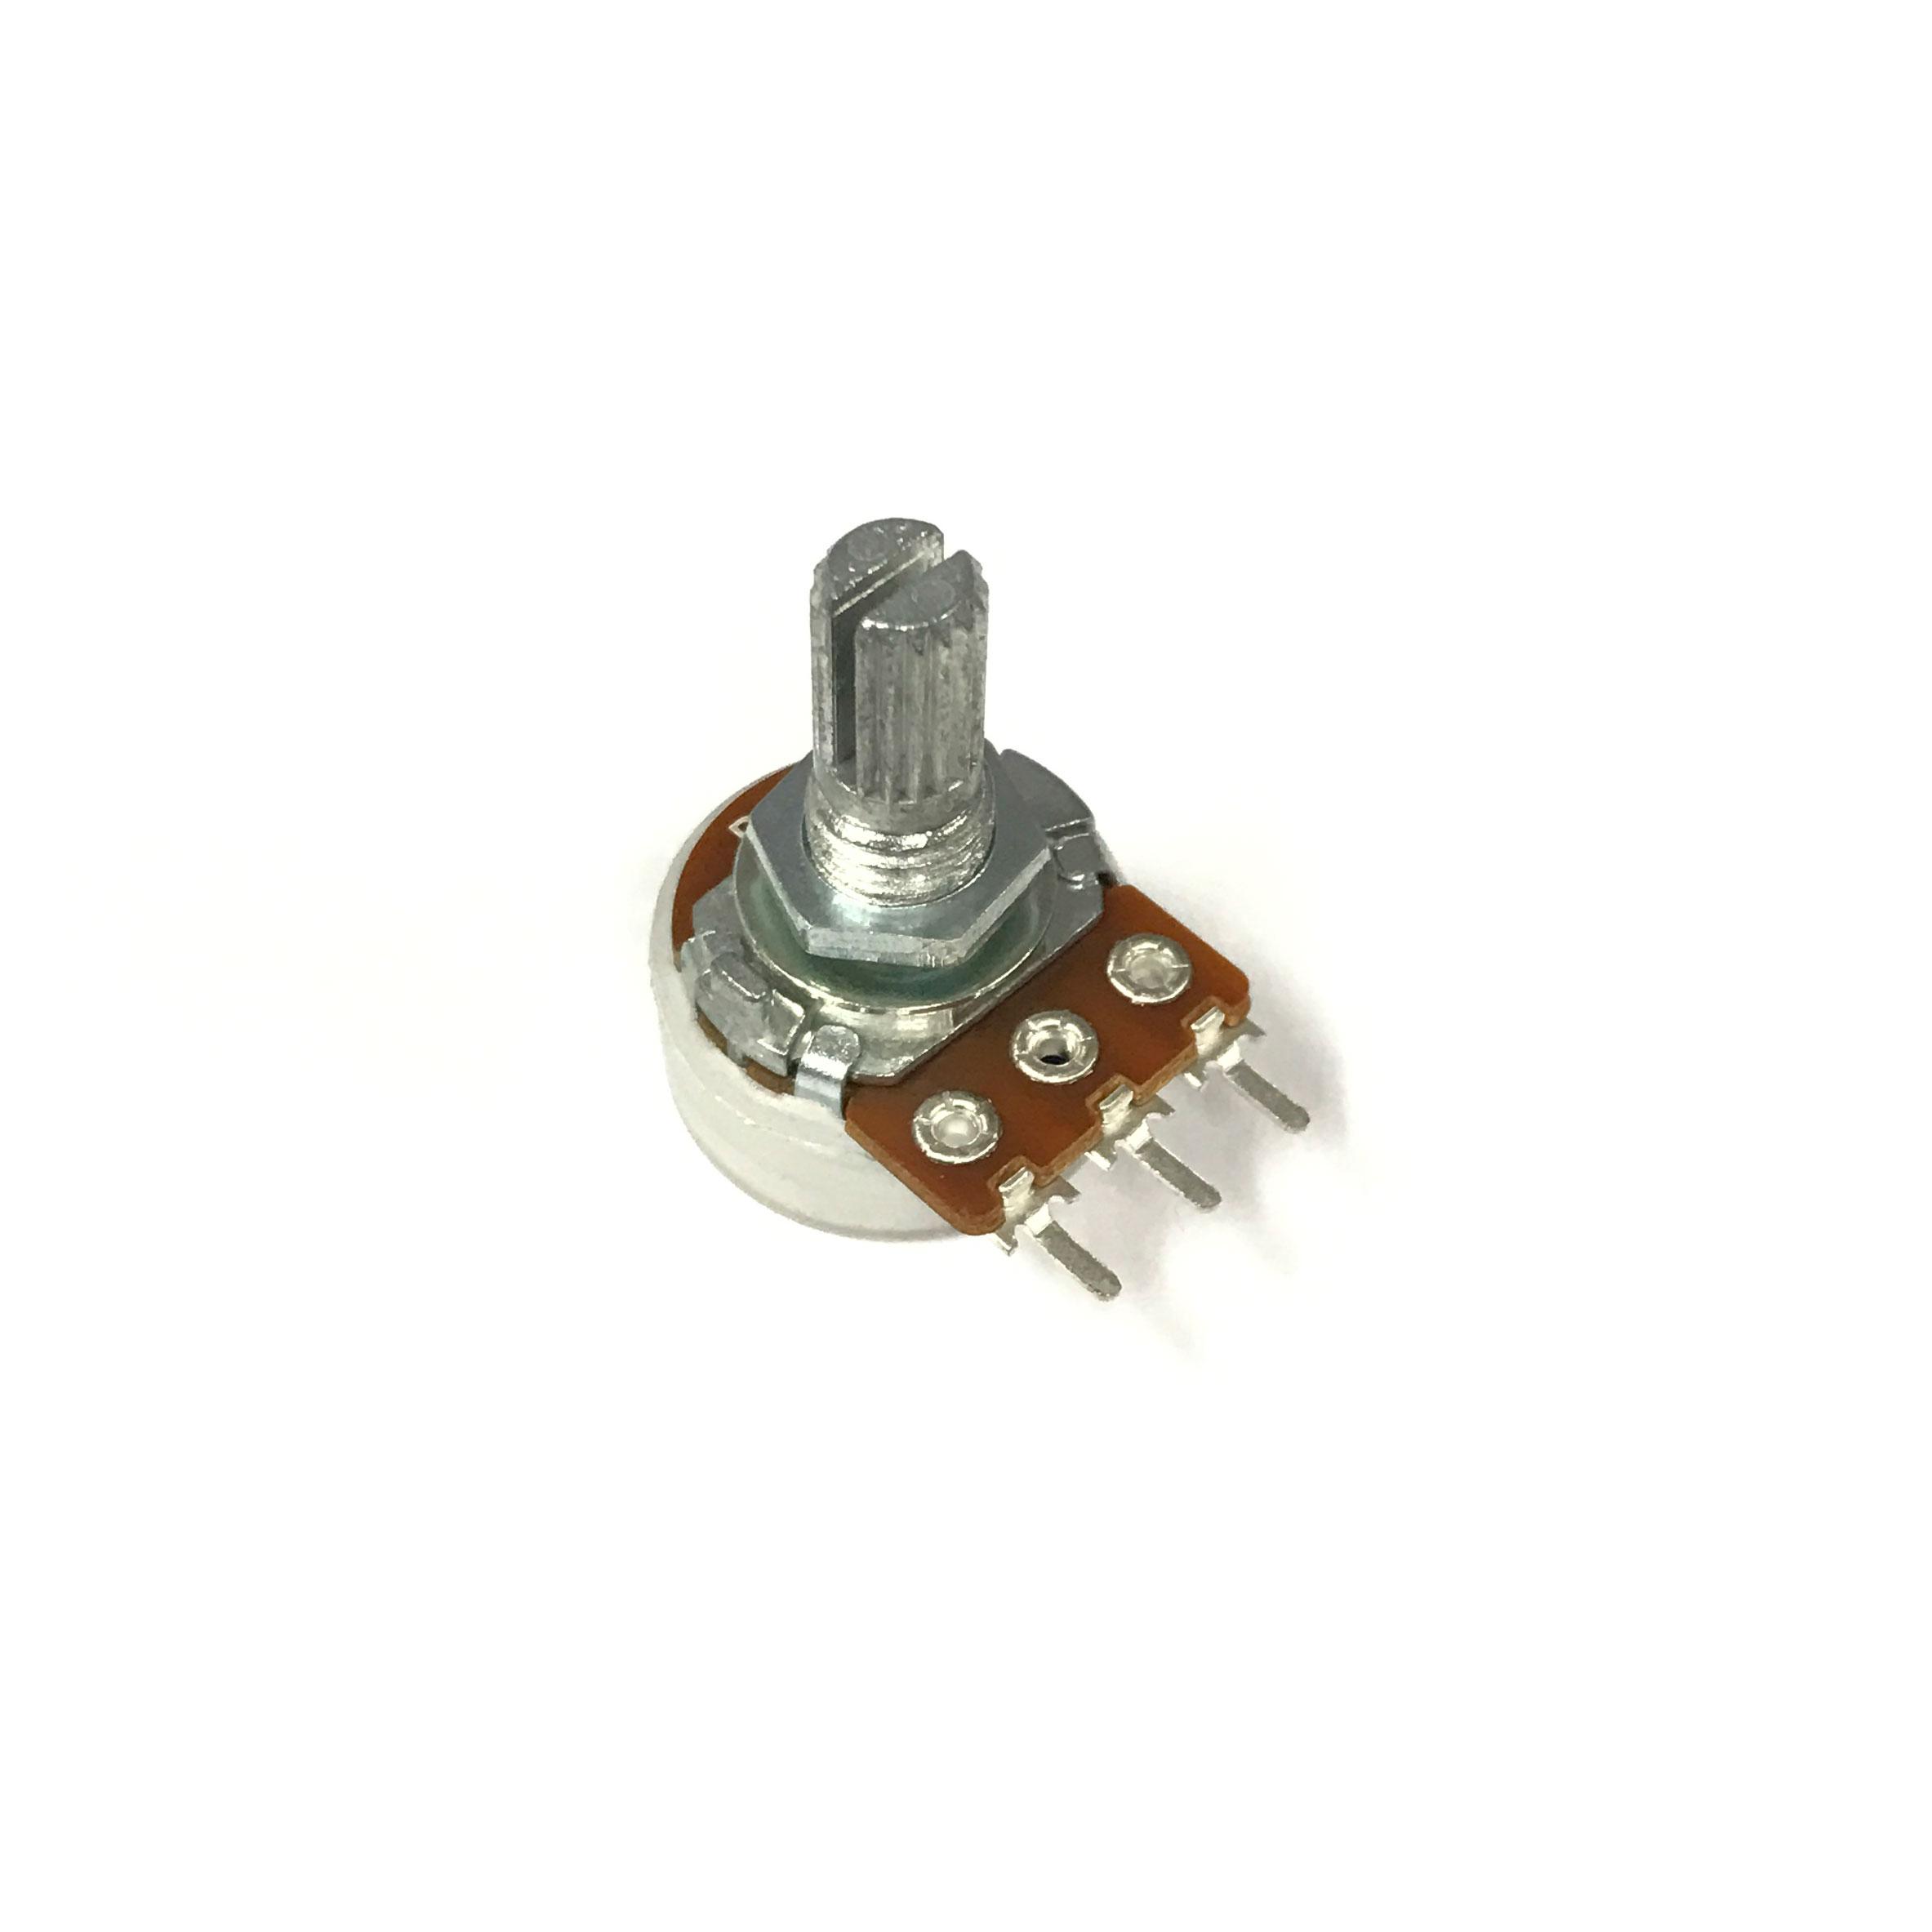 ตัวต้านทานแบบปรับค่าได้ Potentiometer Variable Resistor (VR), R ปรับค่าได้ ขนาด 10K Ohm